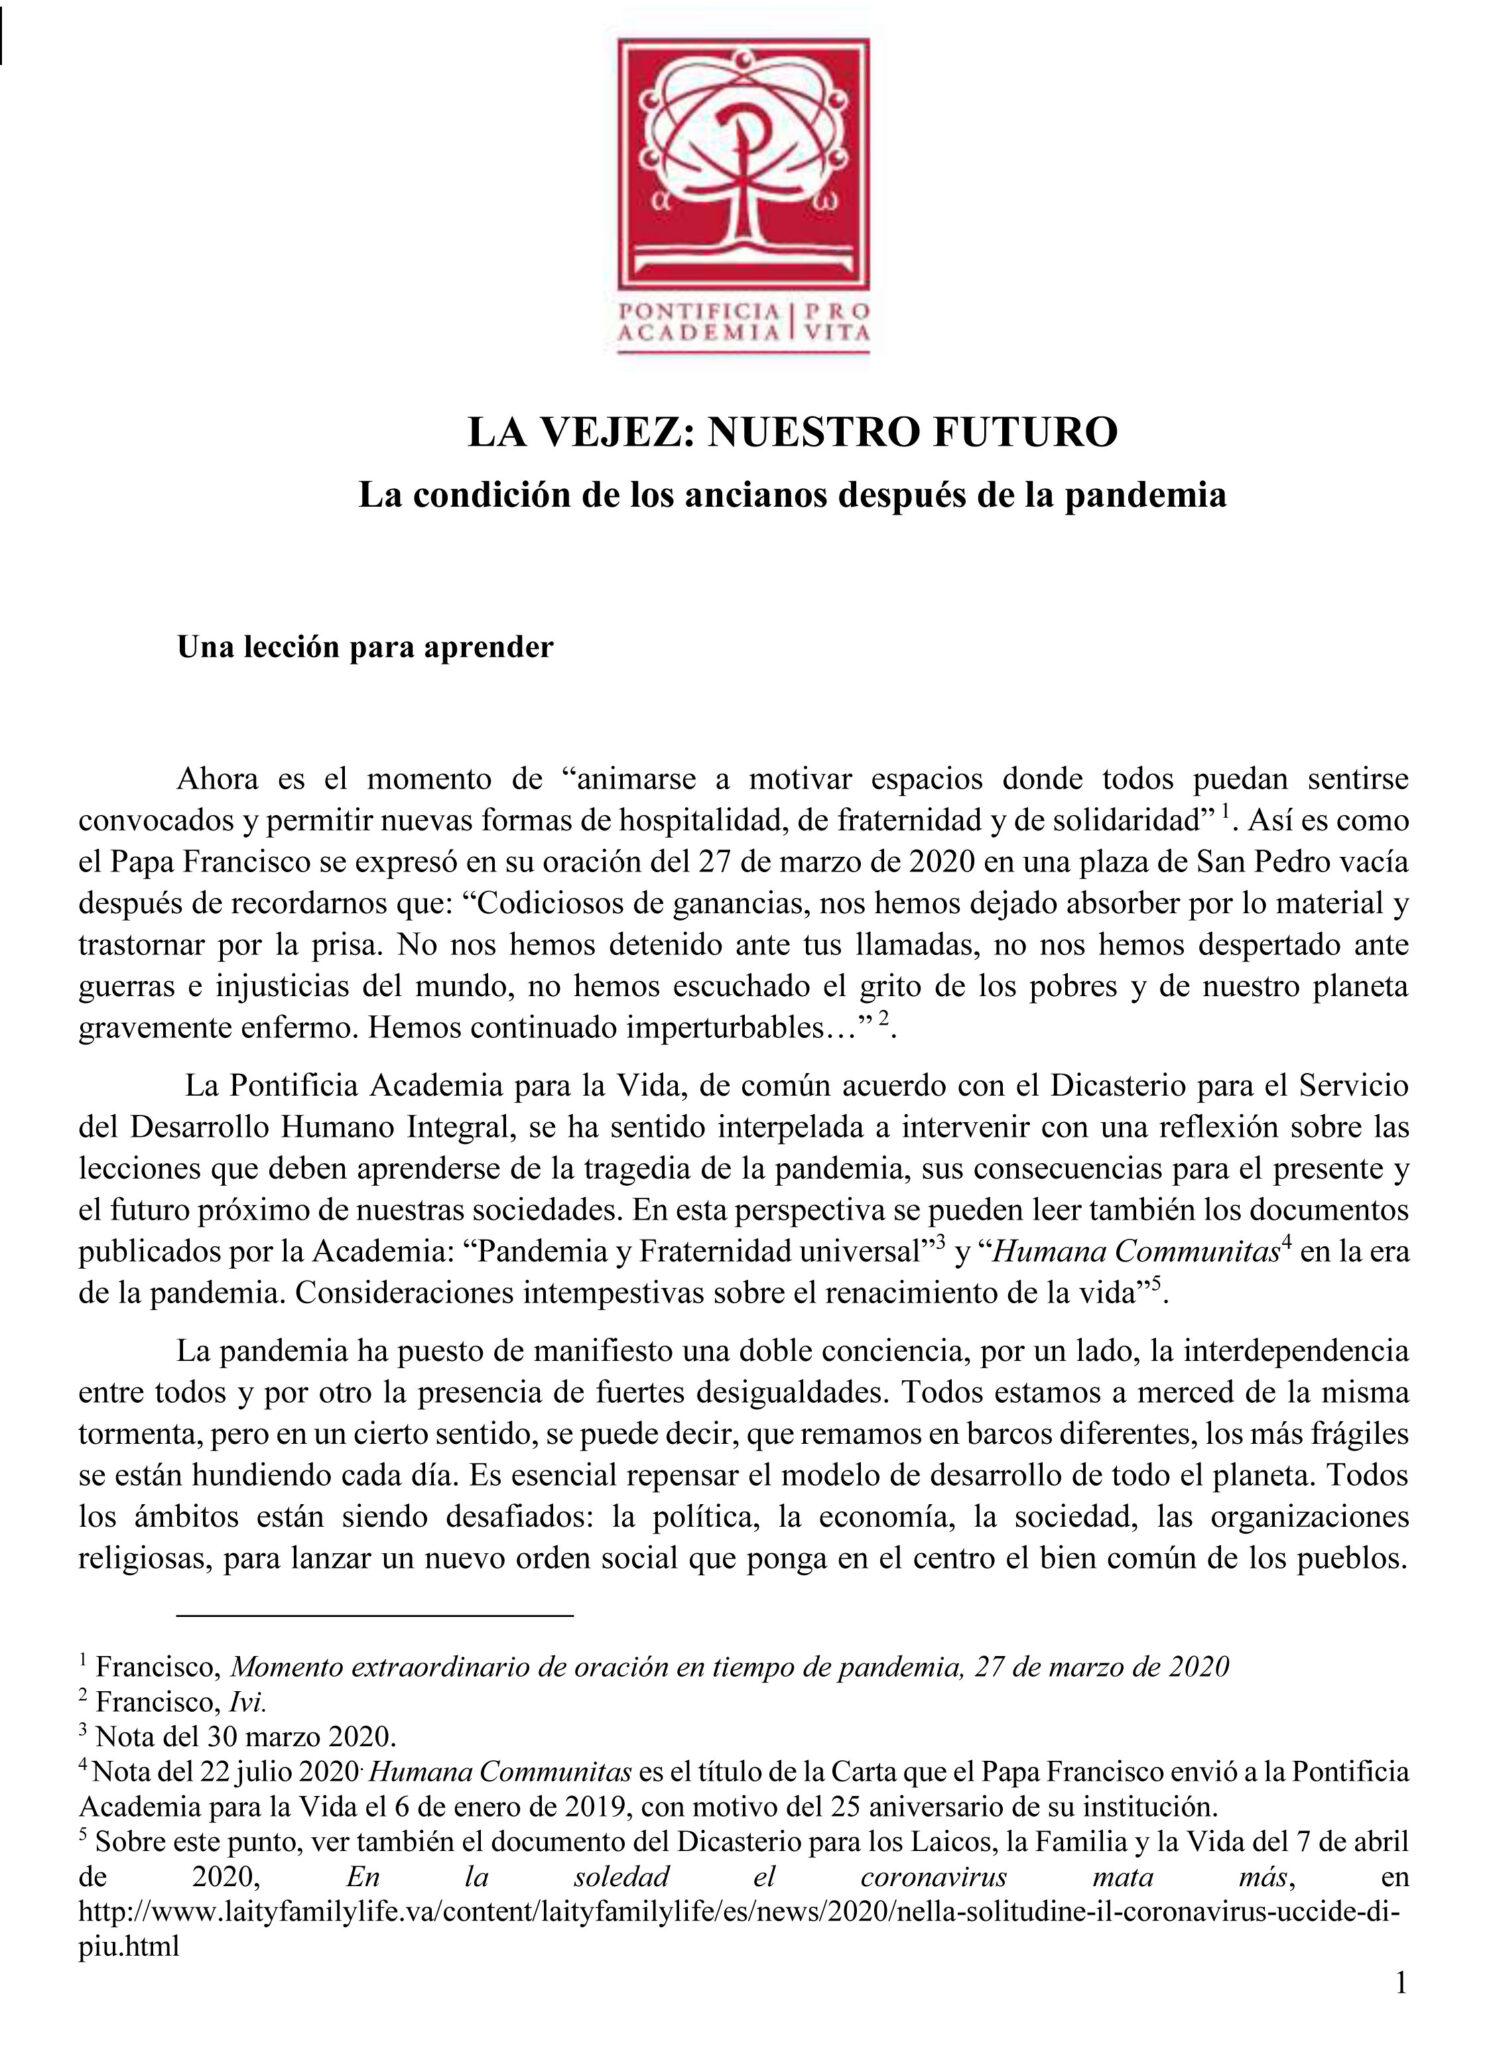 Documento La vejez: nuestro futuro. La condición de los ancianos después de la pandemia, de la Pontificia Academia para la Vida del Vaticano